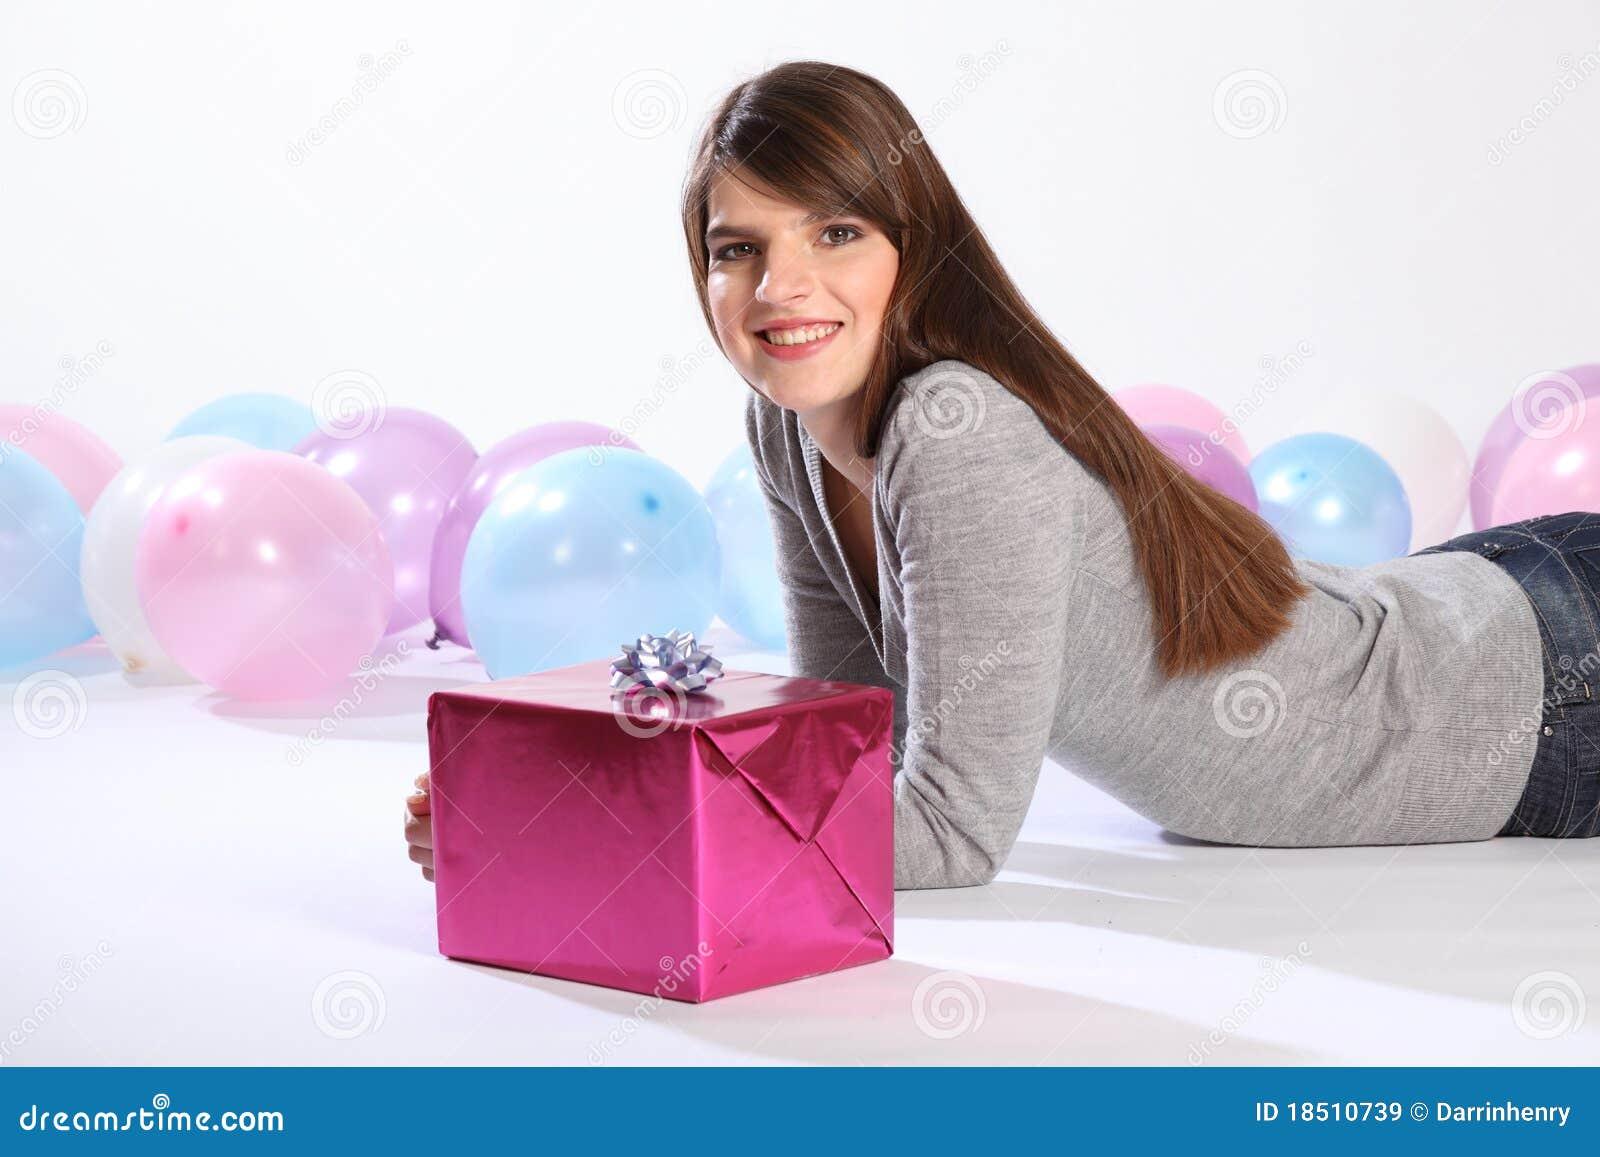 Cadeau d 39 anniversaire pour le beau jeune femme heureux images libres de droits image 18510739 - Idee cadeau jeune femme ...